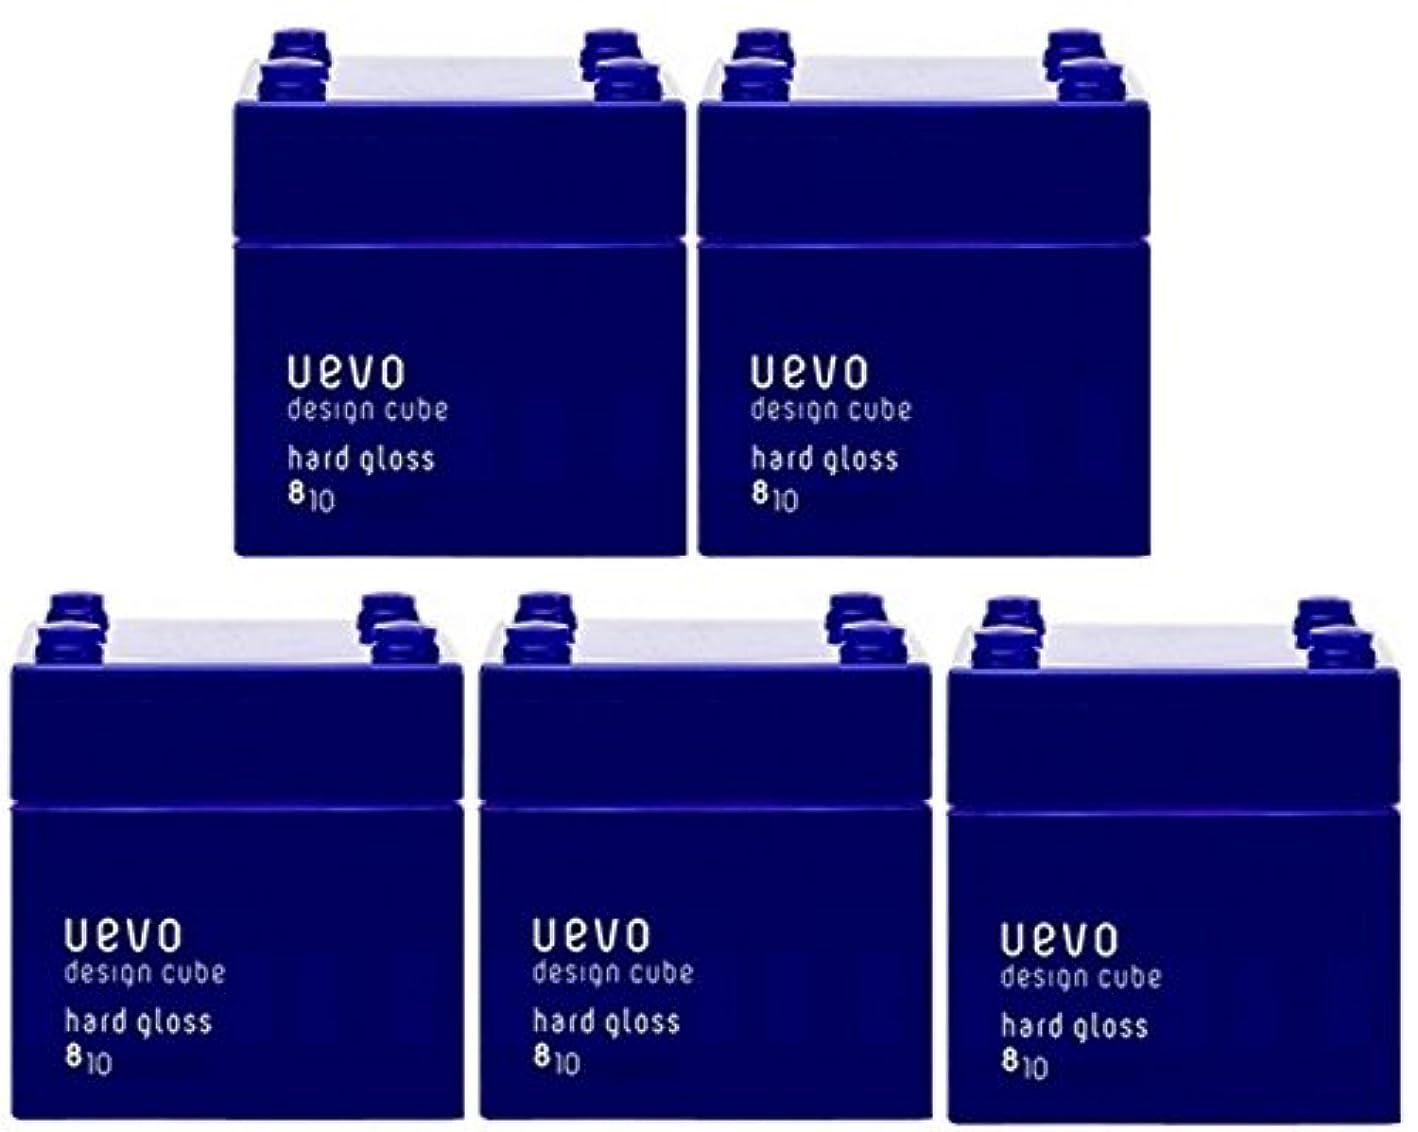 月騙す噴出する【X5個セット】 デミ ウェーボ デザインキューブ ハードグロス 80g hard gloss DEMI uevo design cube